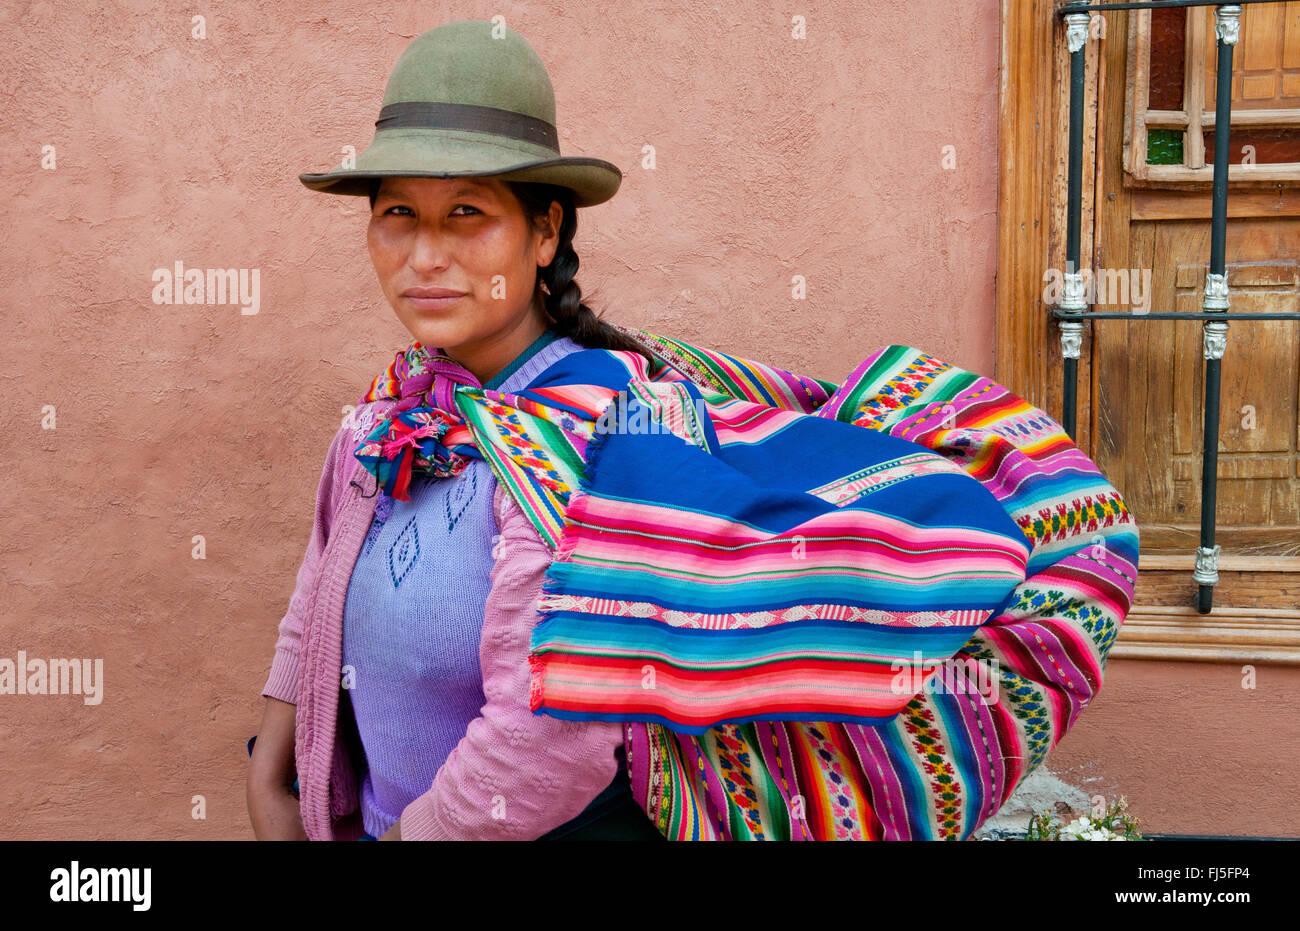 Donna in abiti tradizionali che trasportano piggyback il suo bambino in una imbracatura, ritratto, Perù, Pisaq Immagini Stock